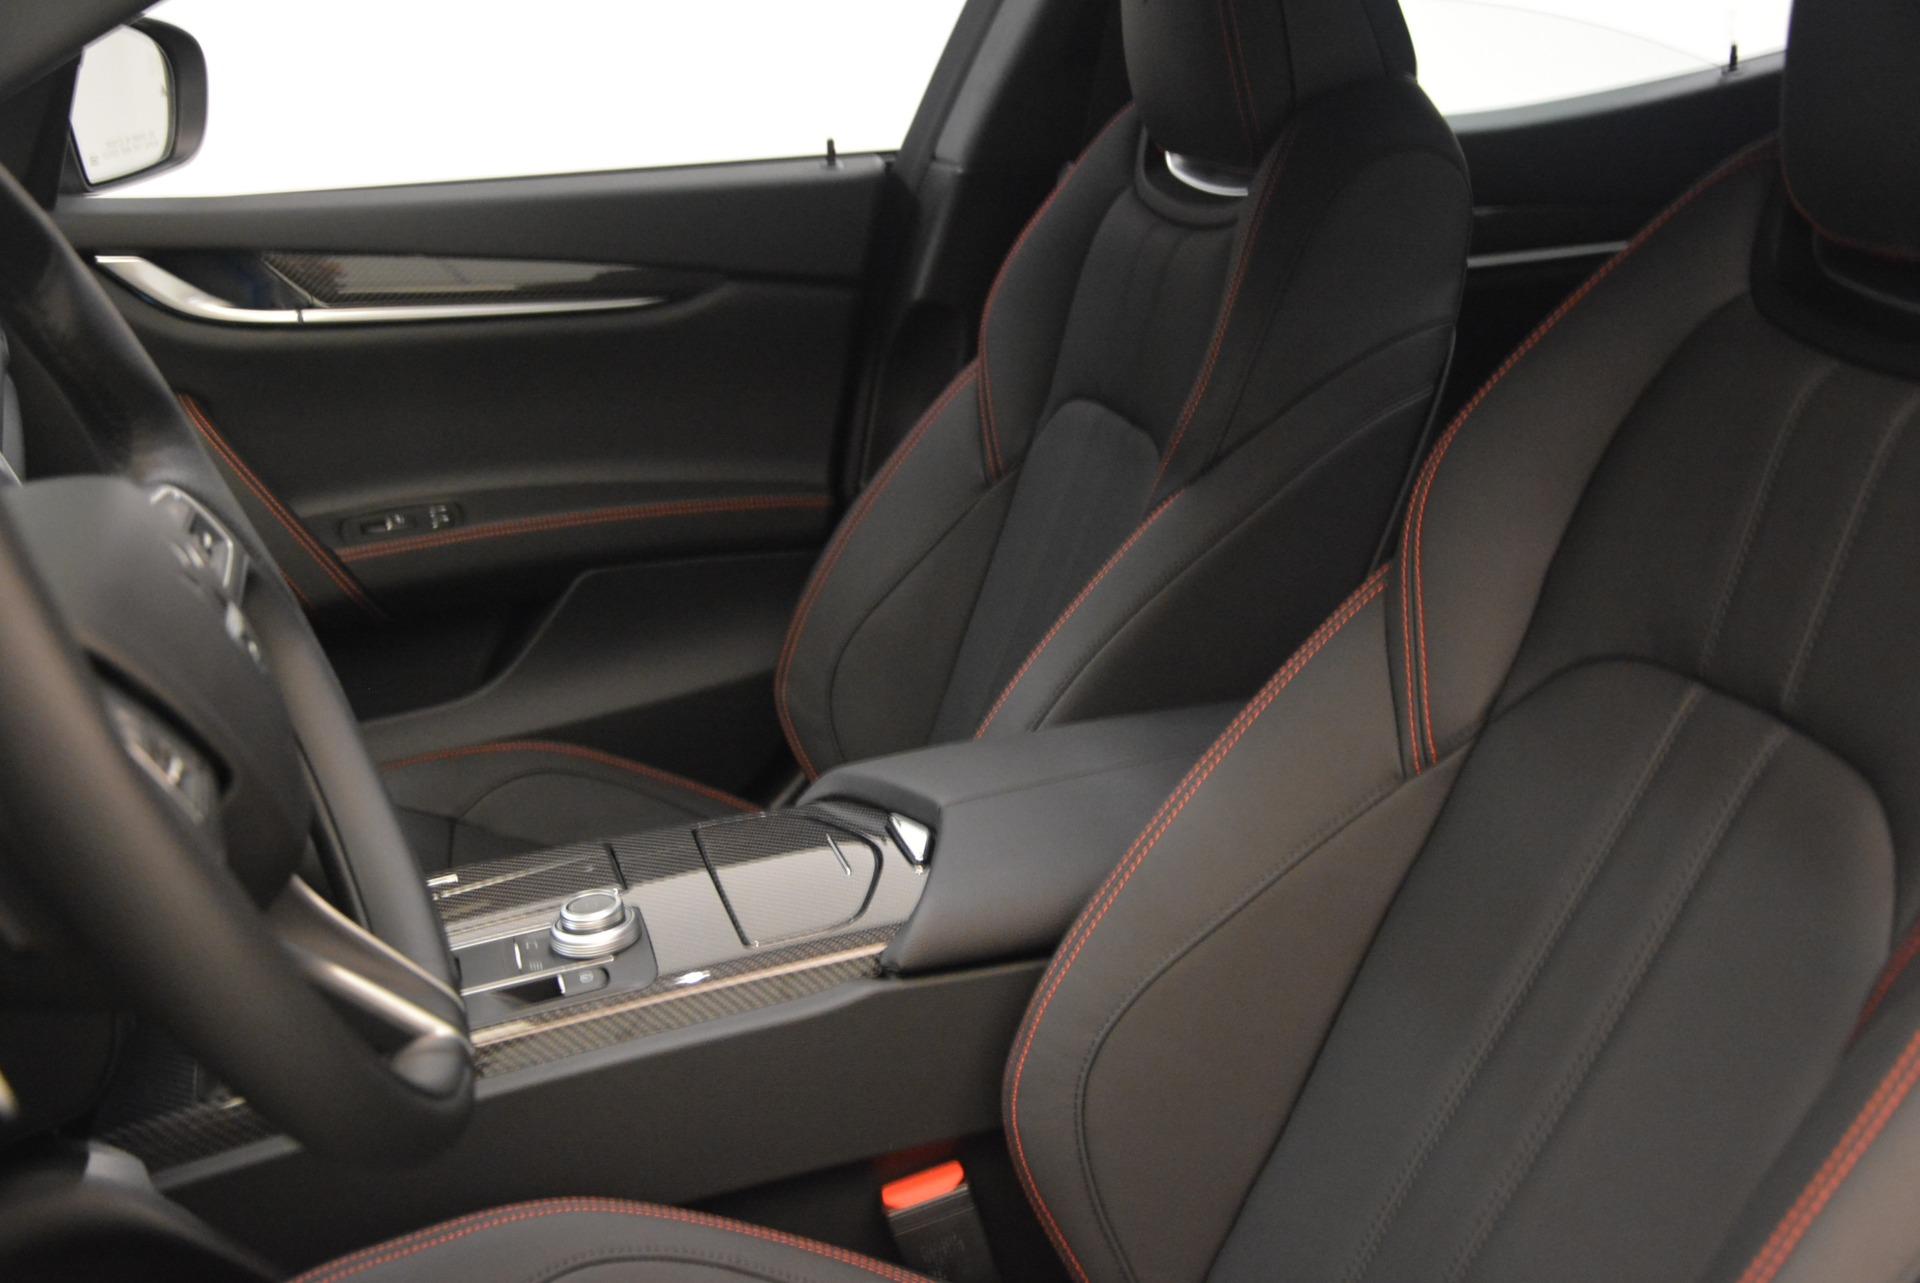 New 2018 Maserati Ghibli SQ4 GranSport Nerissimo For Sale In Greenwich, CT 2278_p15